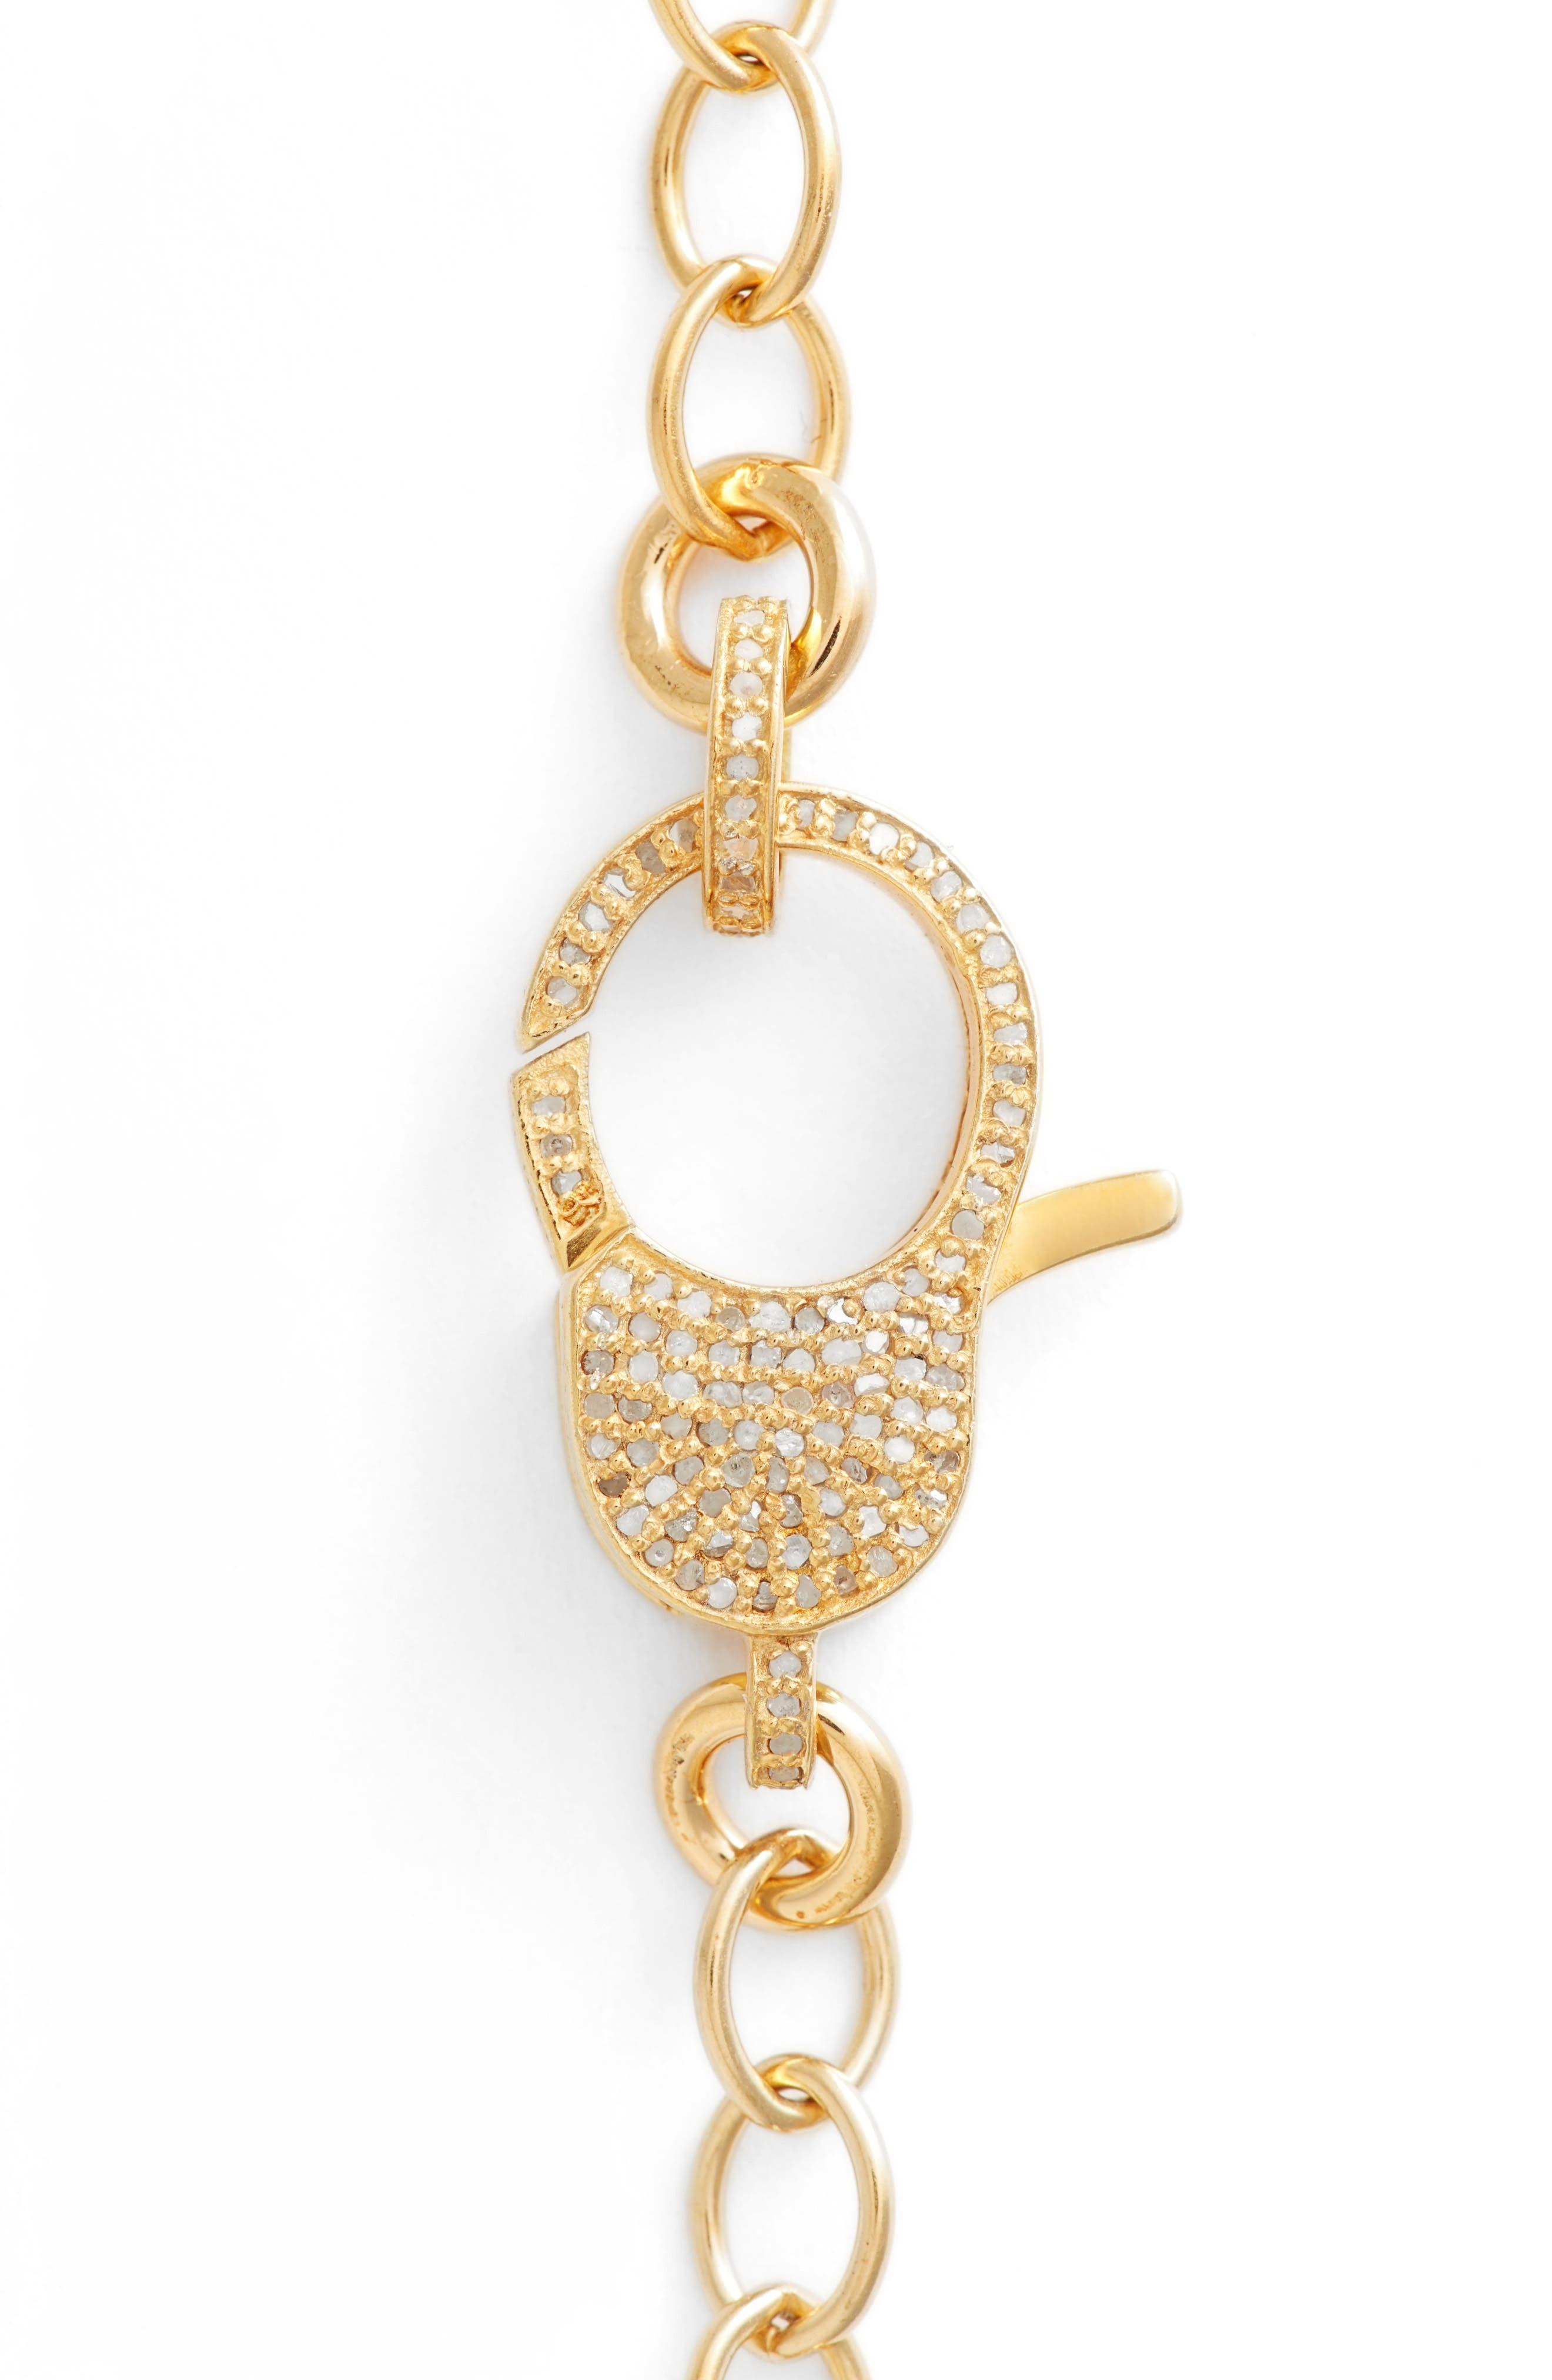 Jane Basch Pavé Diamond Clasp Long Chain Necklace,                             Alternate thumbnail 3, color,                             Gold